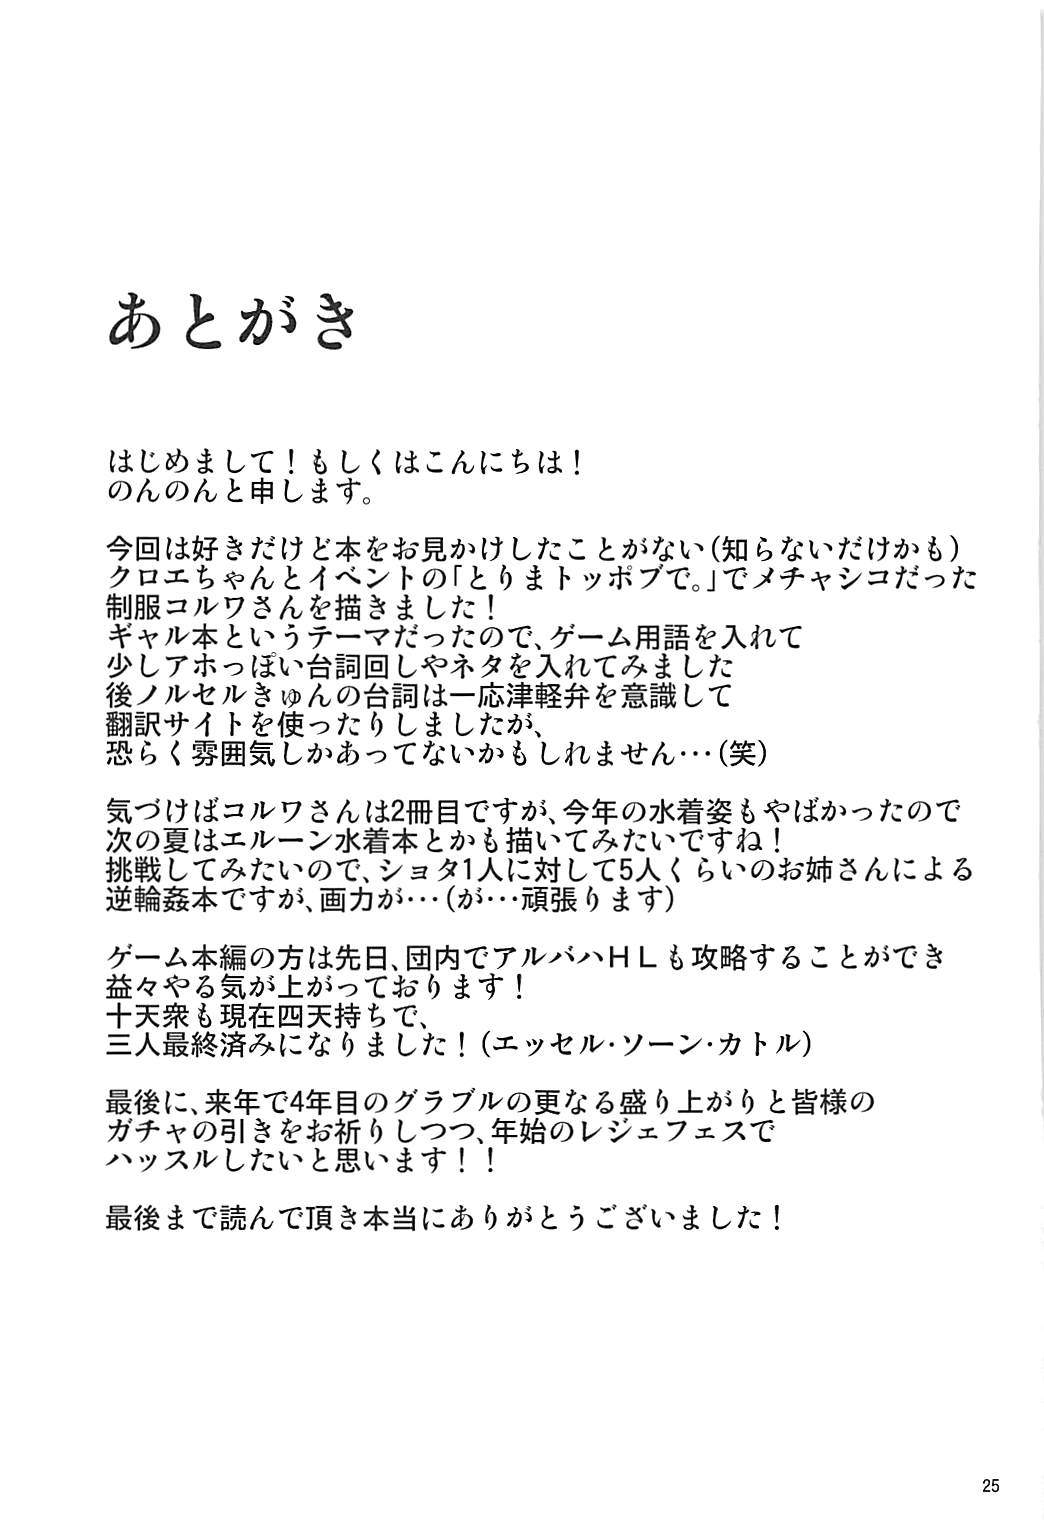 クロエのぉフェラでぇ~wい~っぱいおちんちんにぃバフかけちゃうよぉwww【グラブル エロ漫画・エロ同人】 (24)